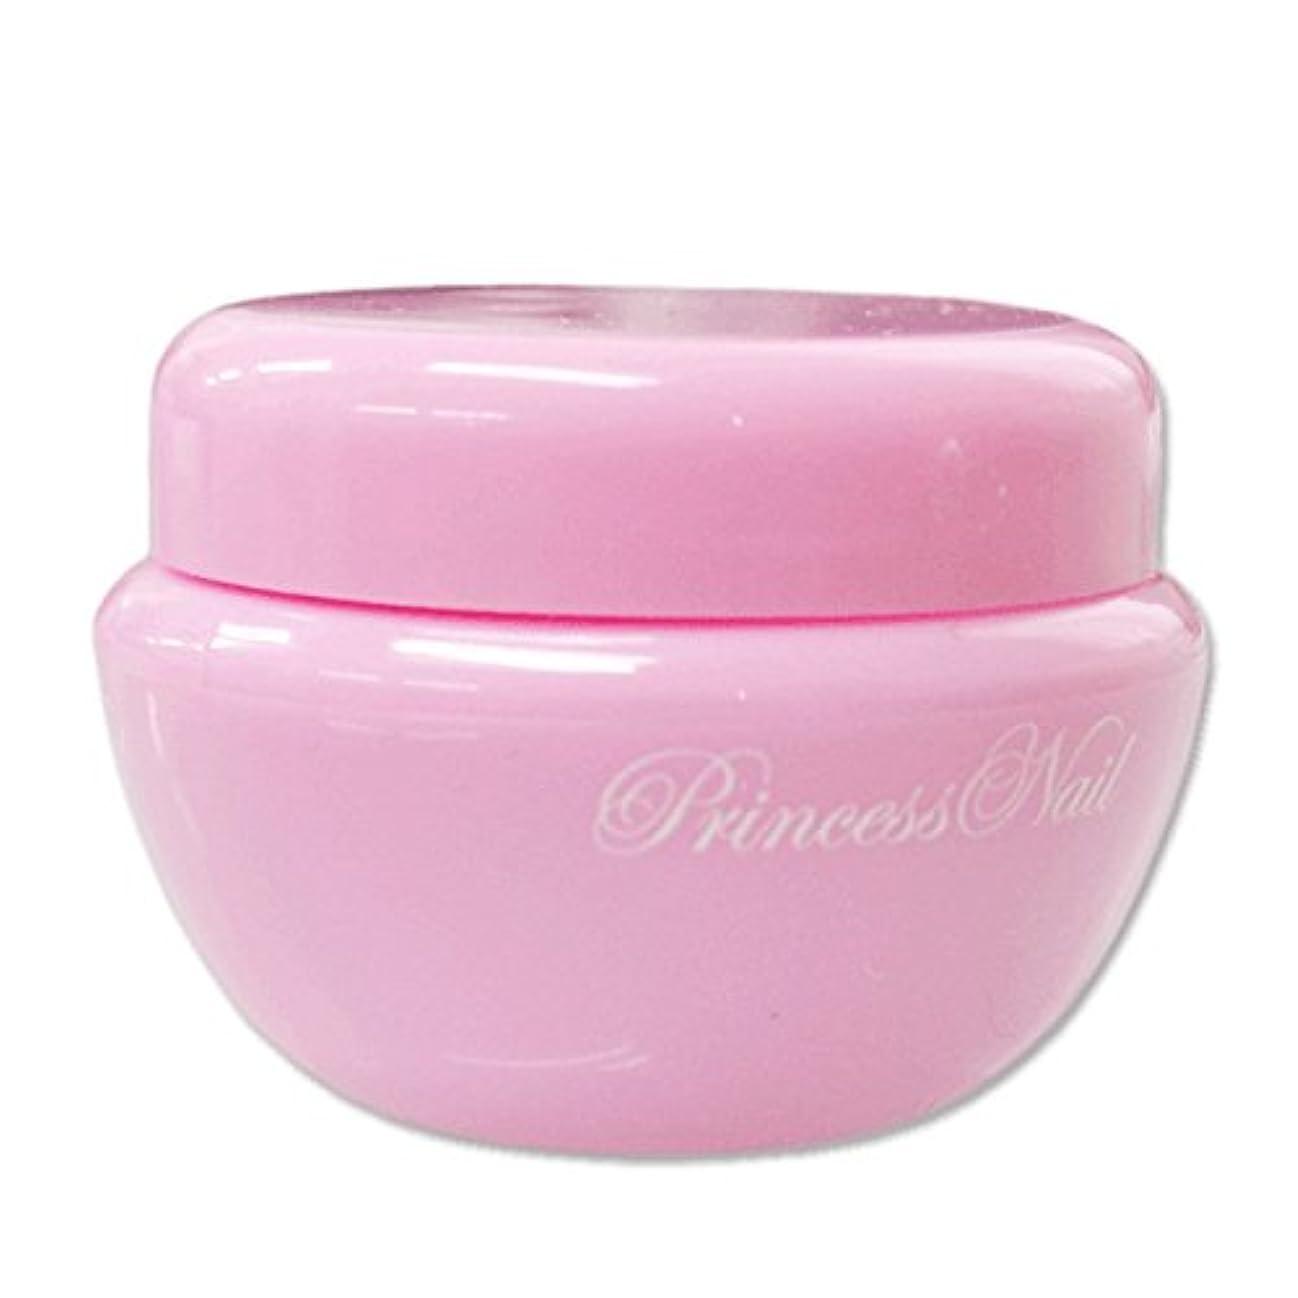 台風バイオレット品クリームケース 中蓋付き 容量8g ピンク